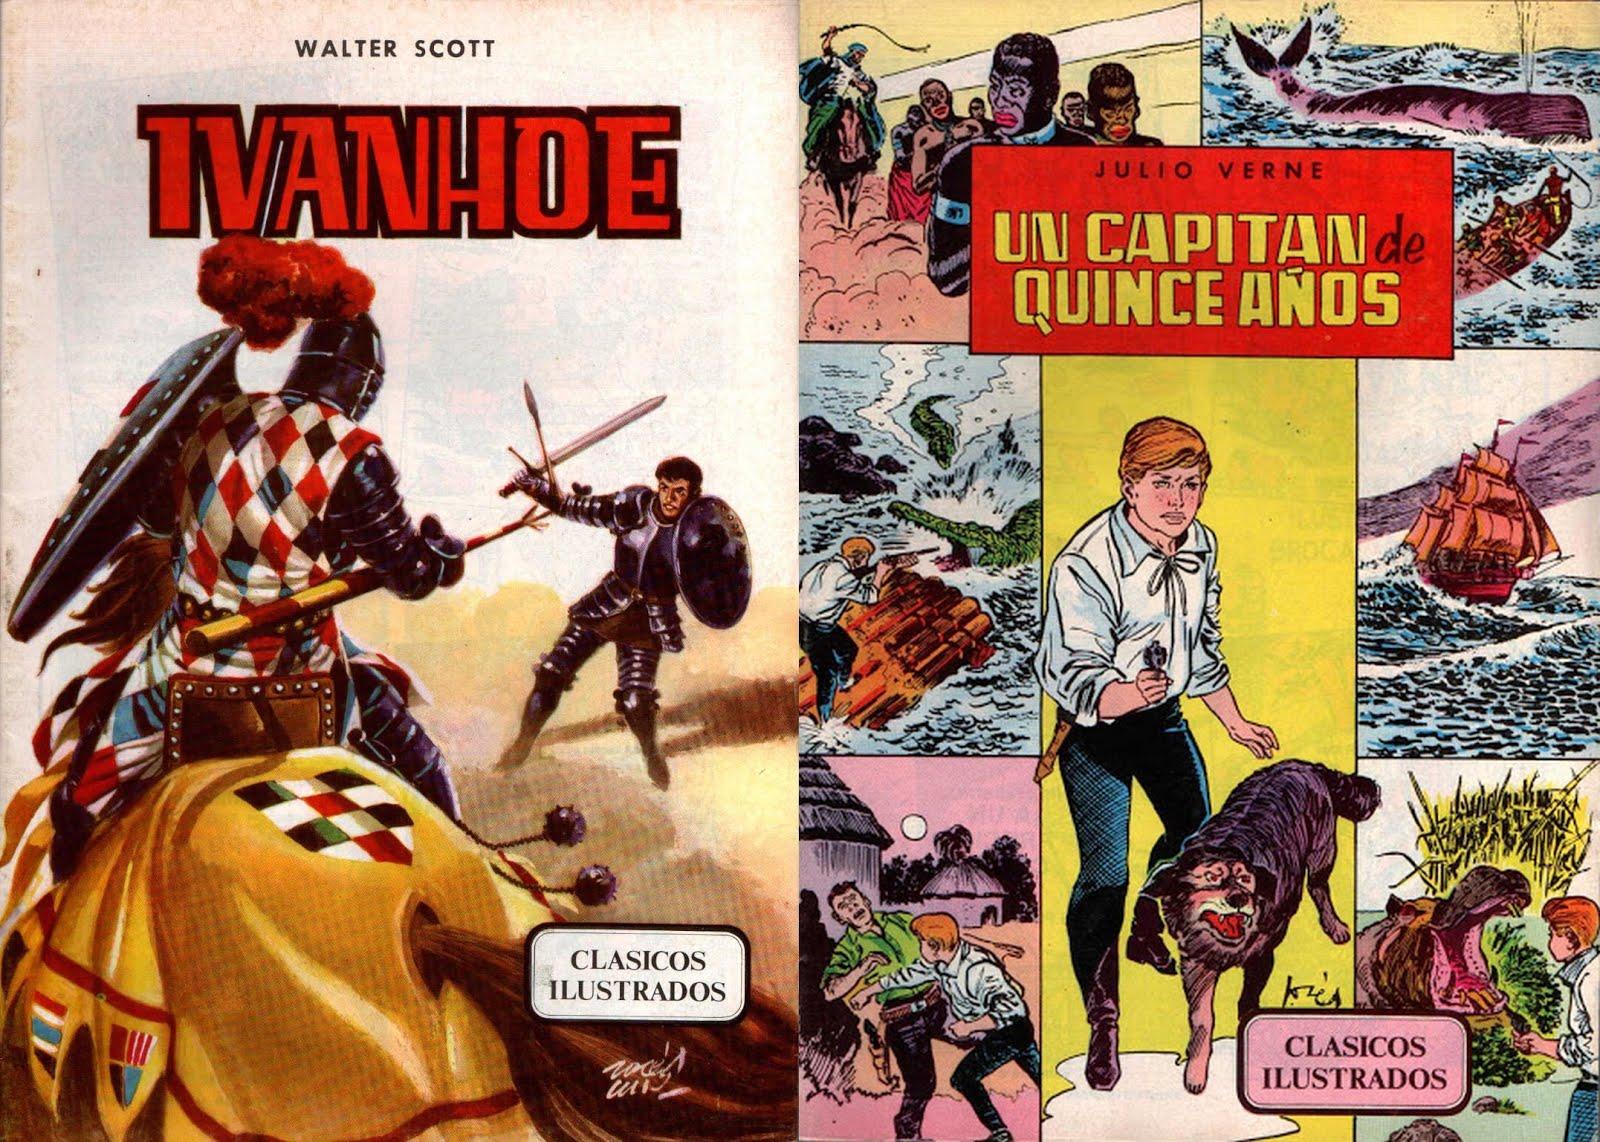 Clásicos ilustrados. Ed. Valenciana